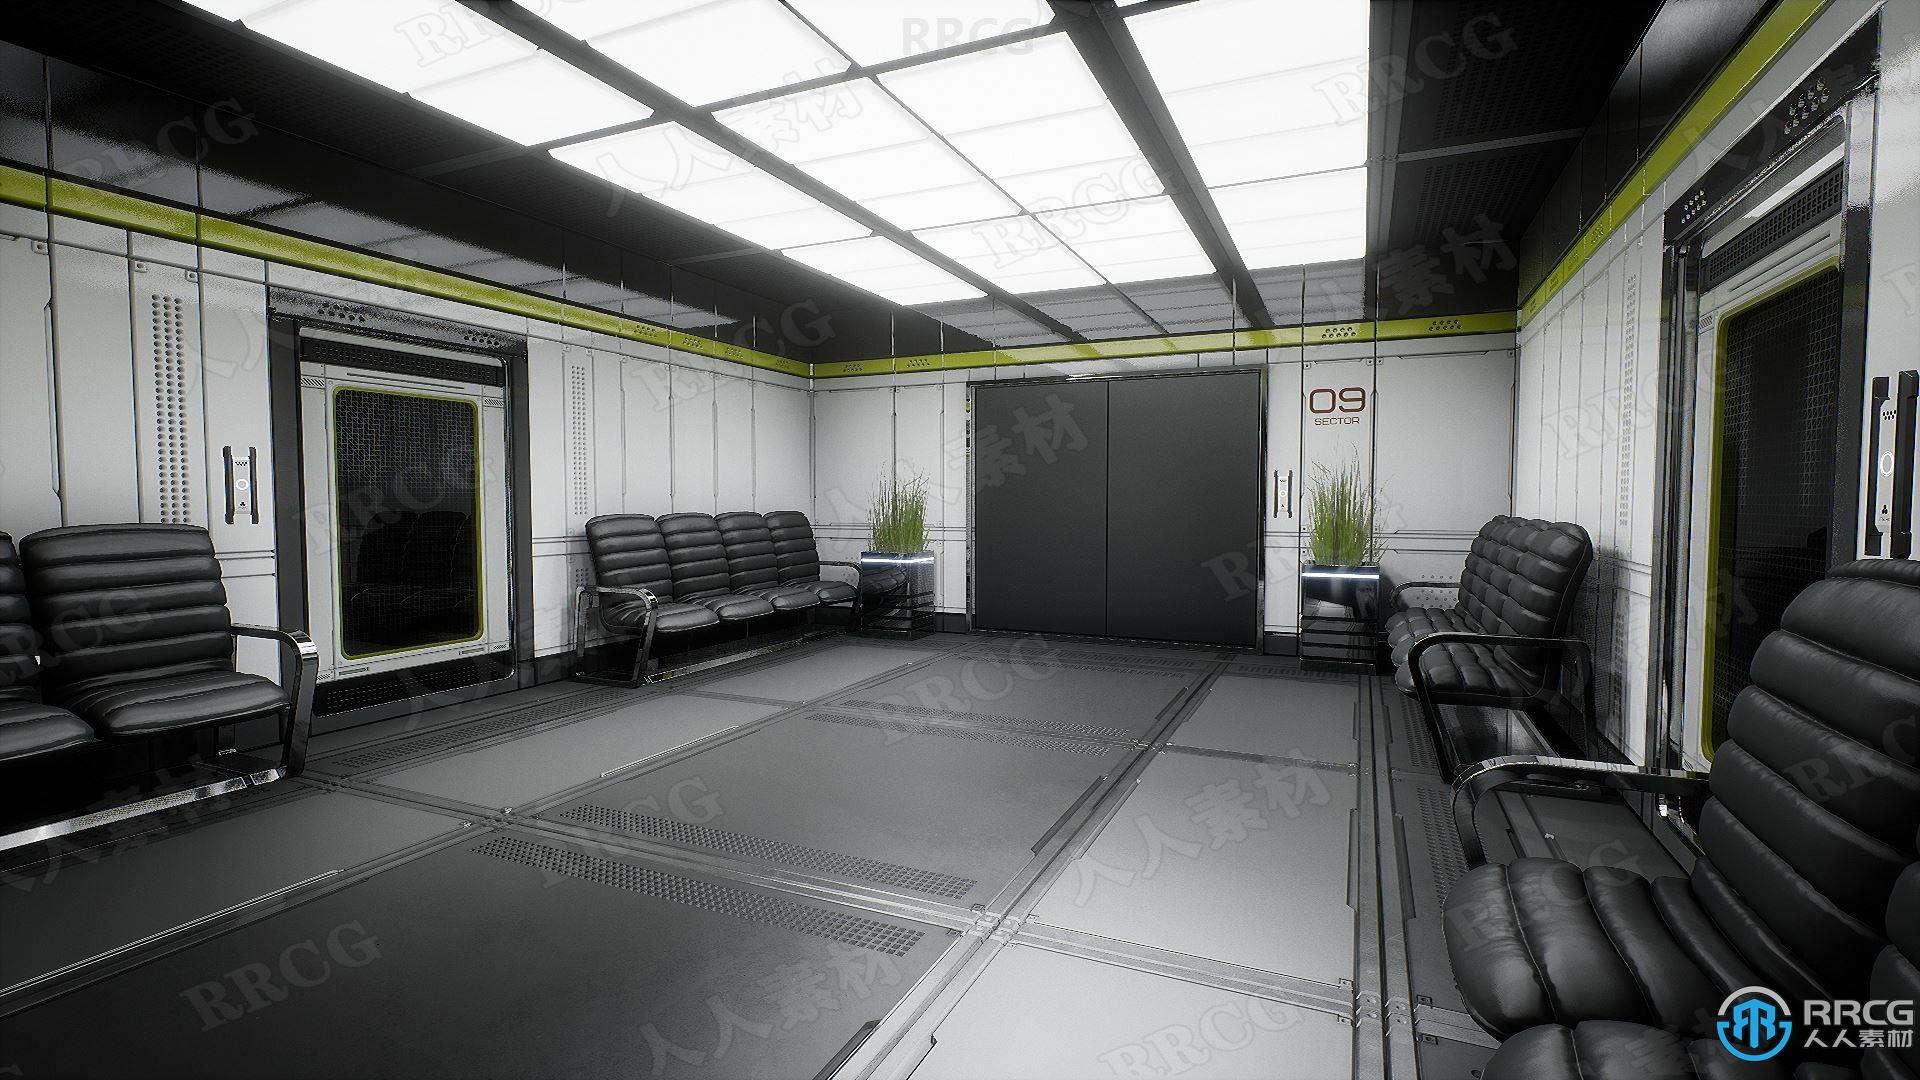 未来派科技商务办公室室内场景Unreal Engine游戏素材资源